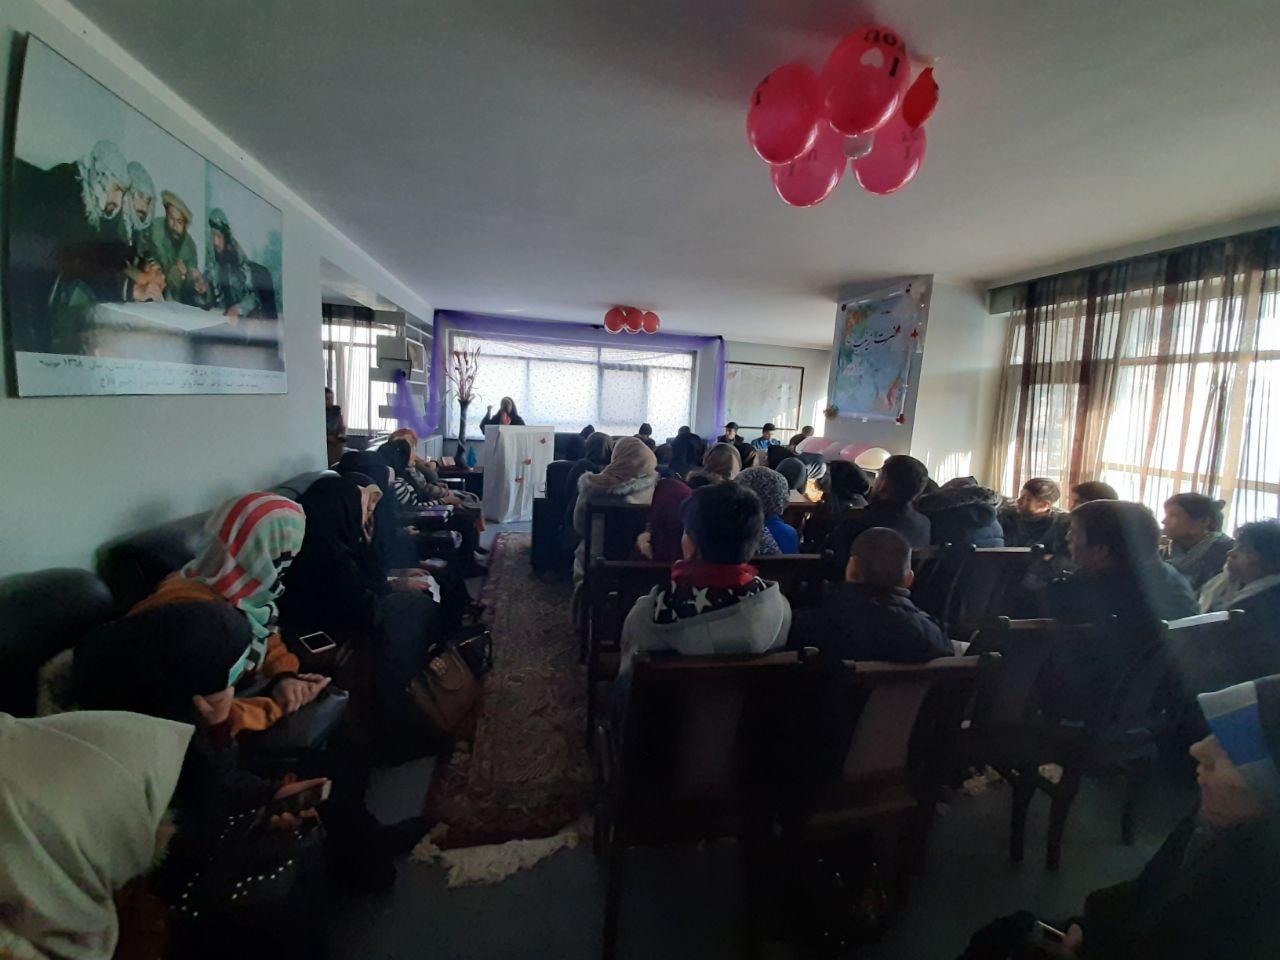 تصویر از برگزاری سیمینار علمی تحت عنوان بررسی ابعاد سیاسی و فرهنگی شخصیت حضرت زینب(س)